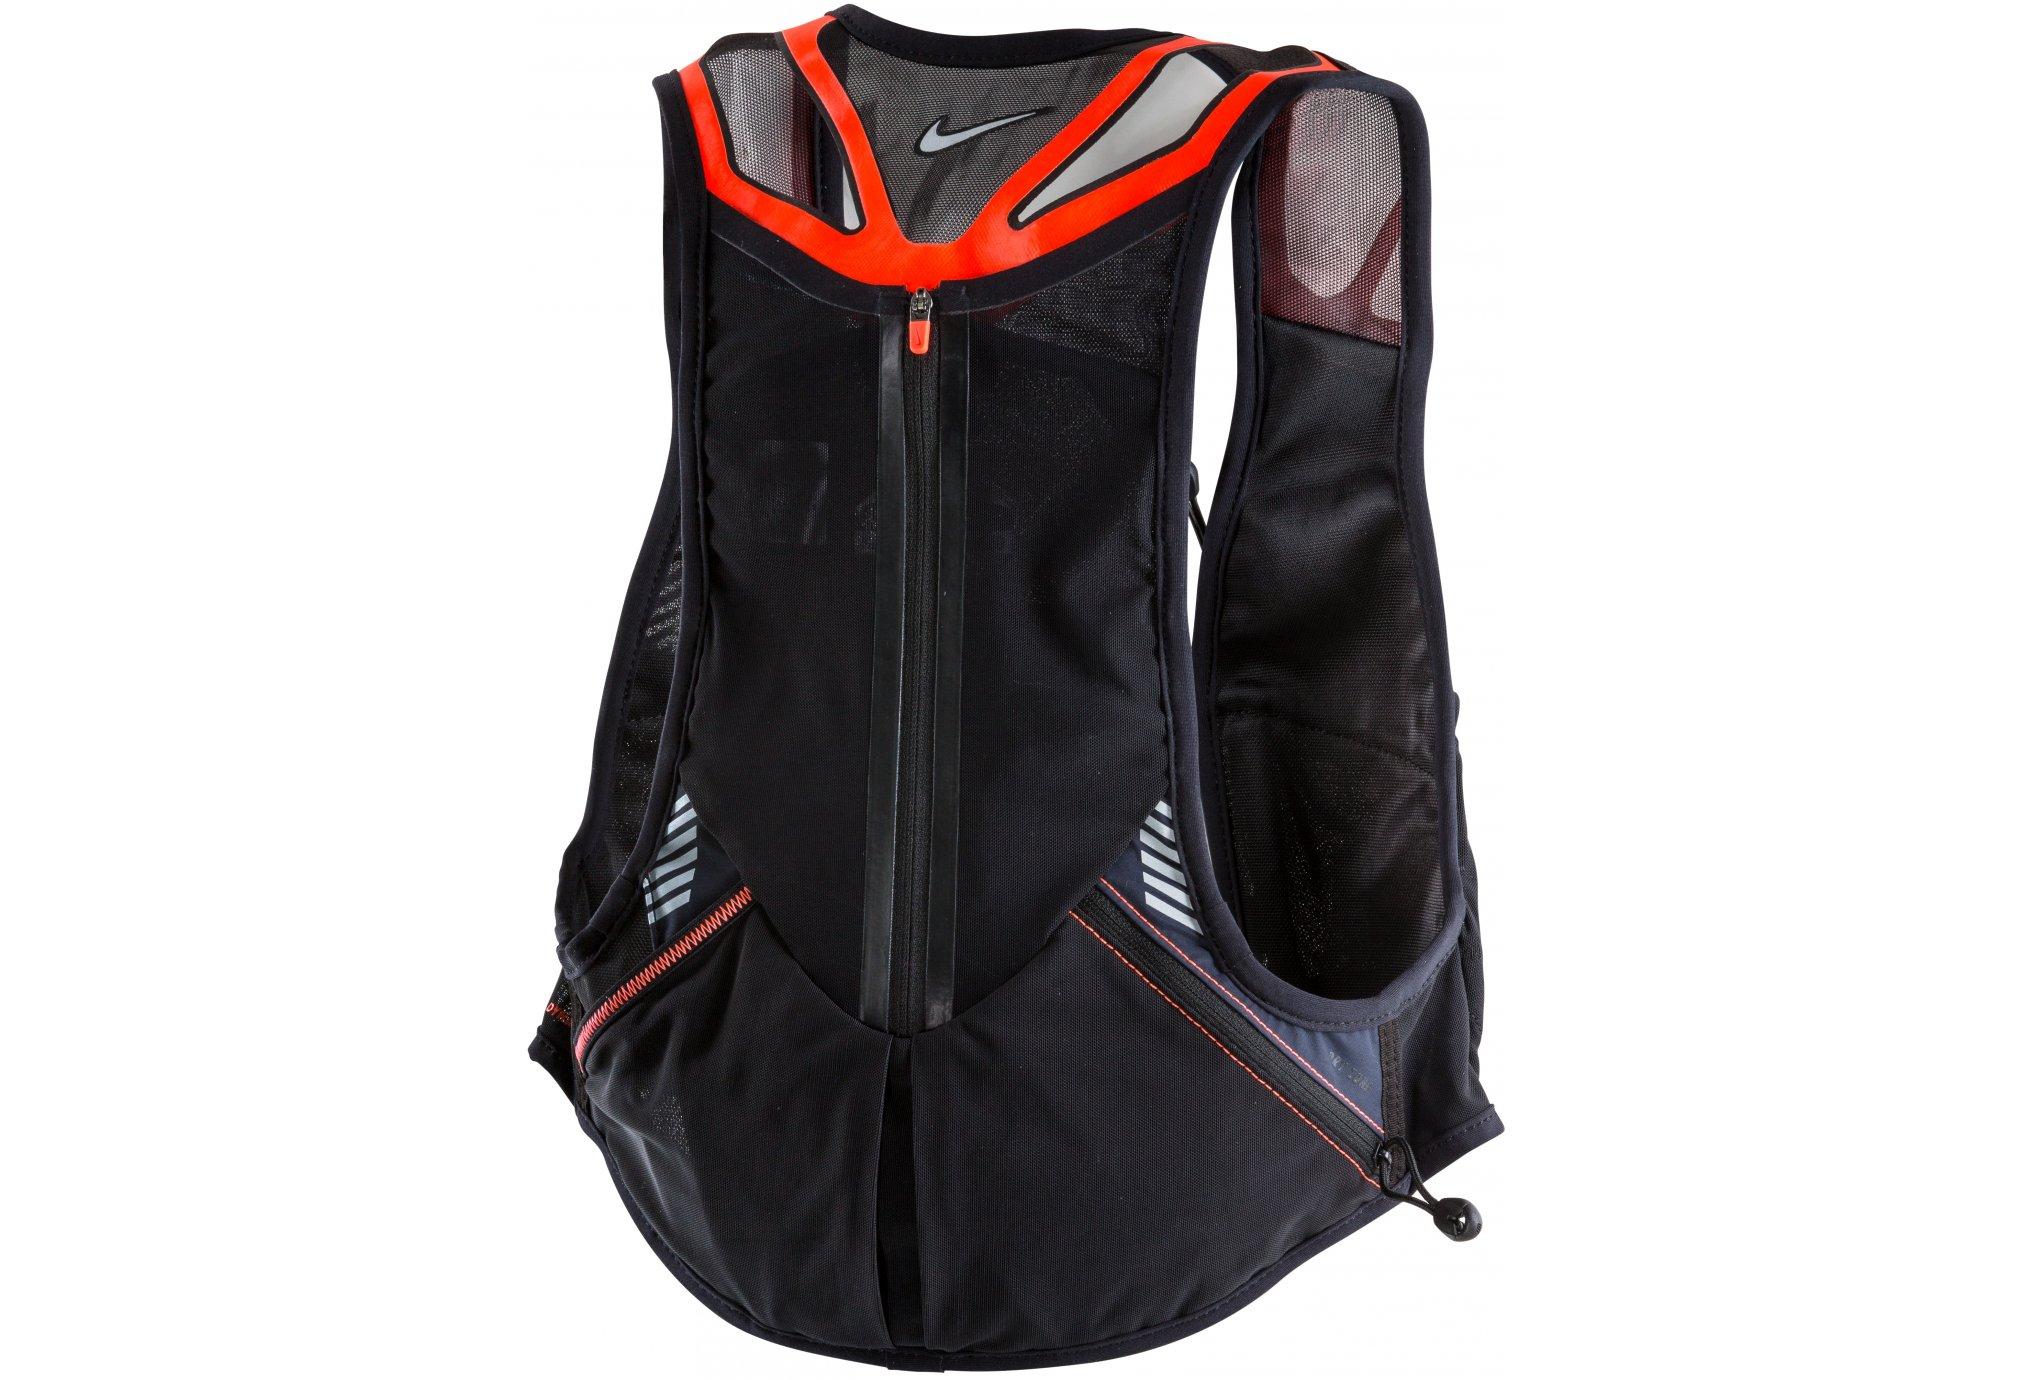 Nike Trail Kiger 2.0 Sac hydratation / Gourde